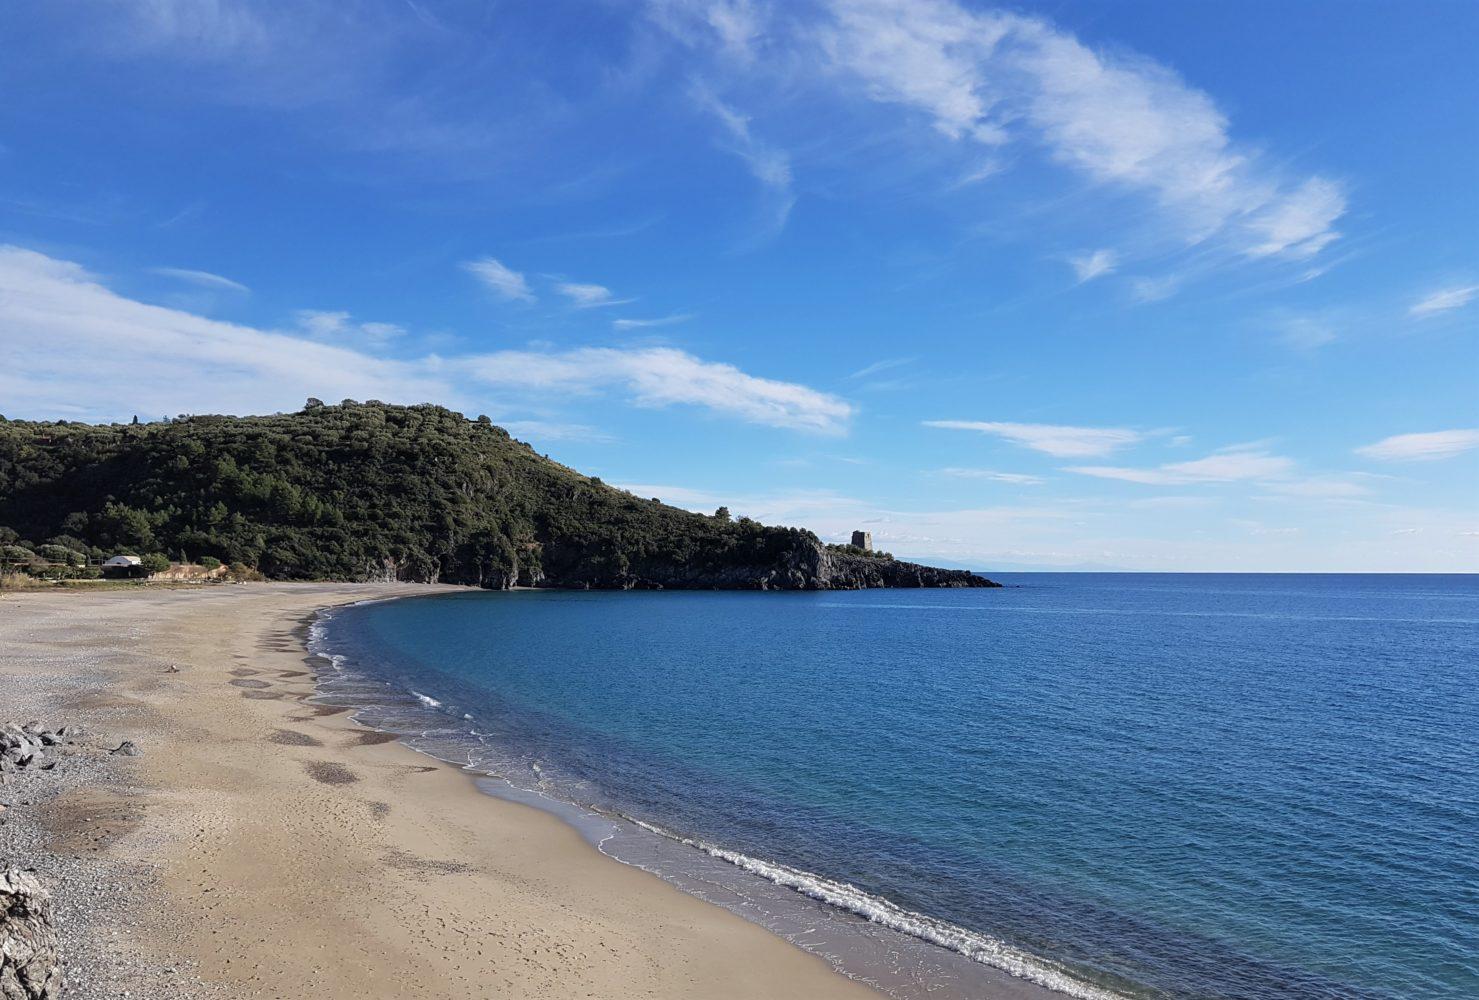 Spiaggia di Lentiscelle Marina di Camerota (2)